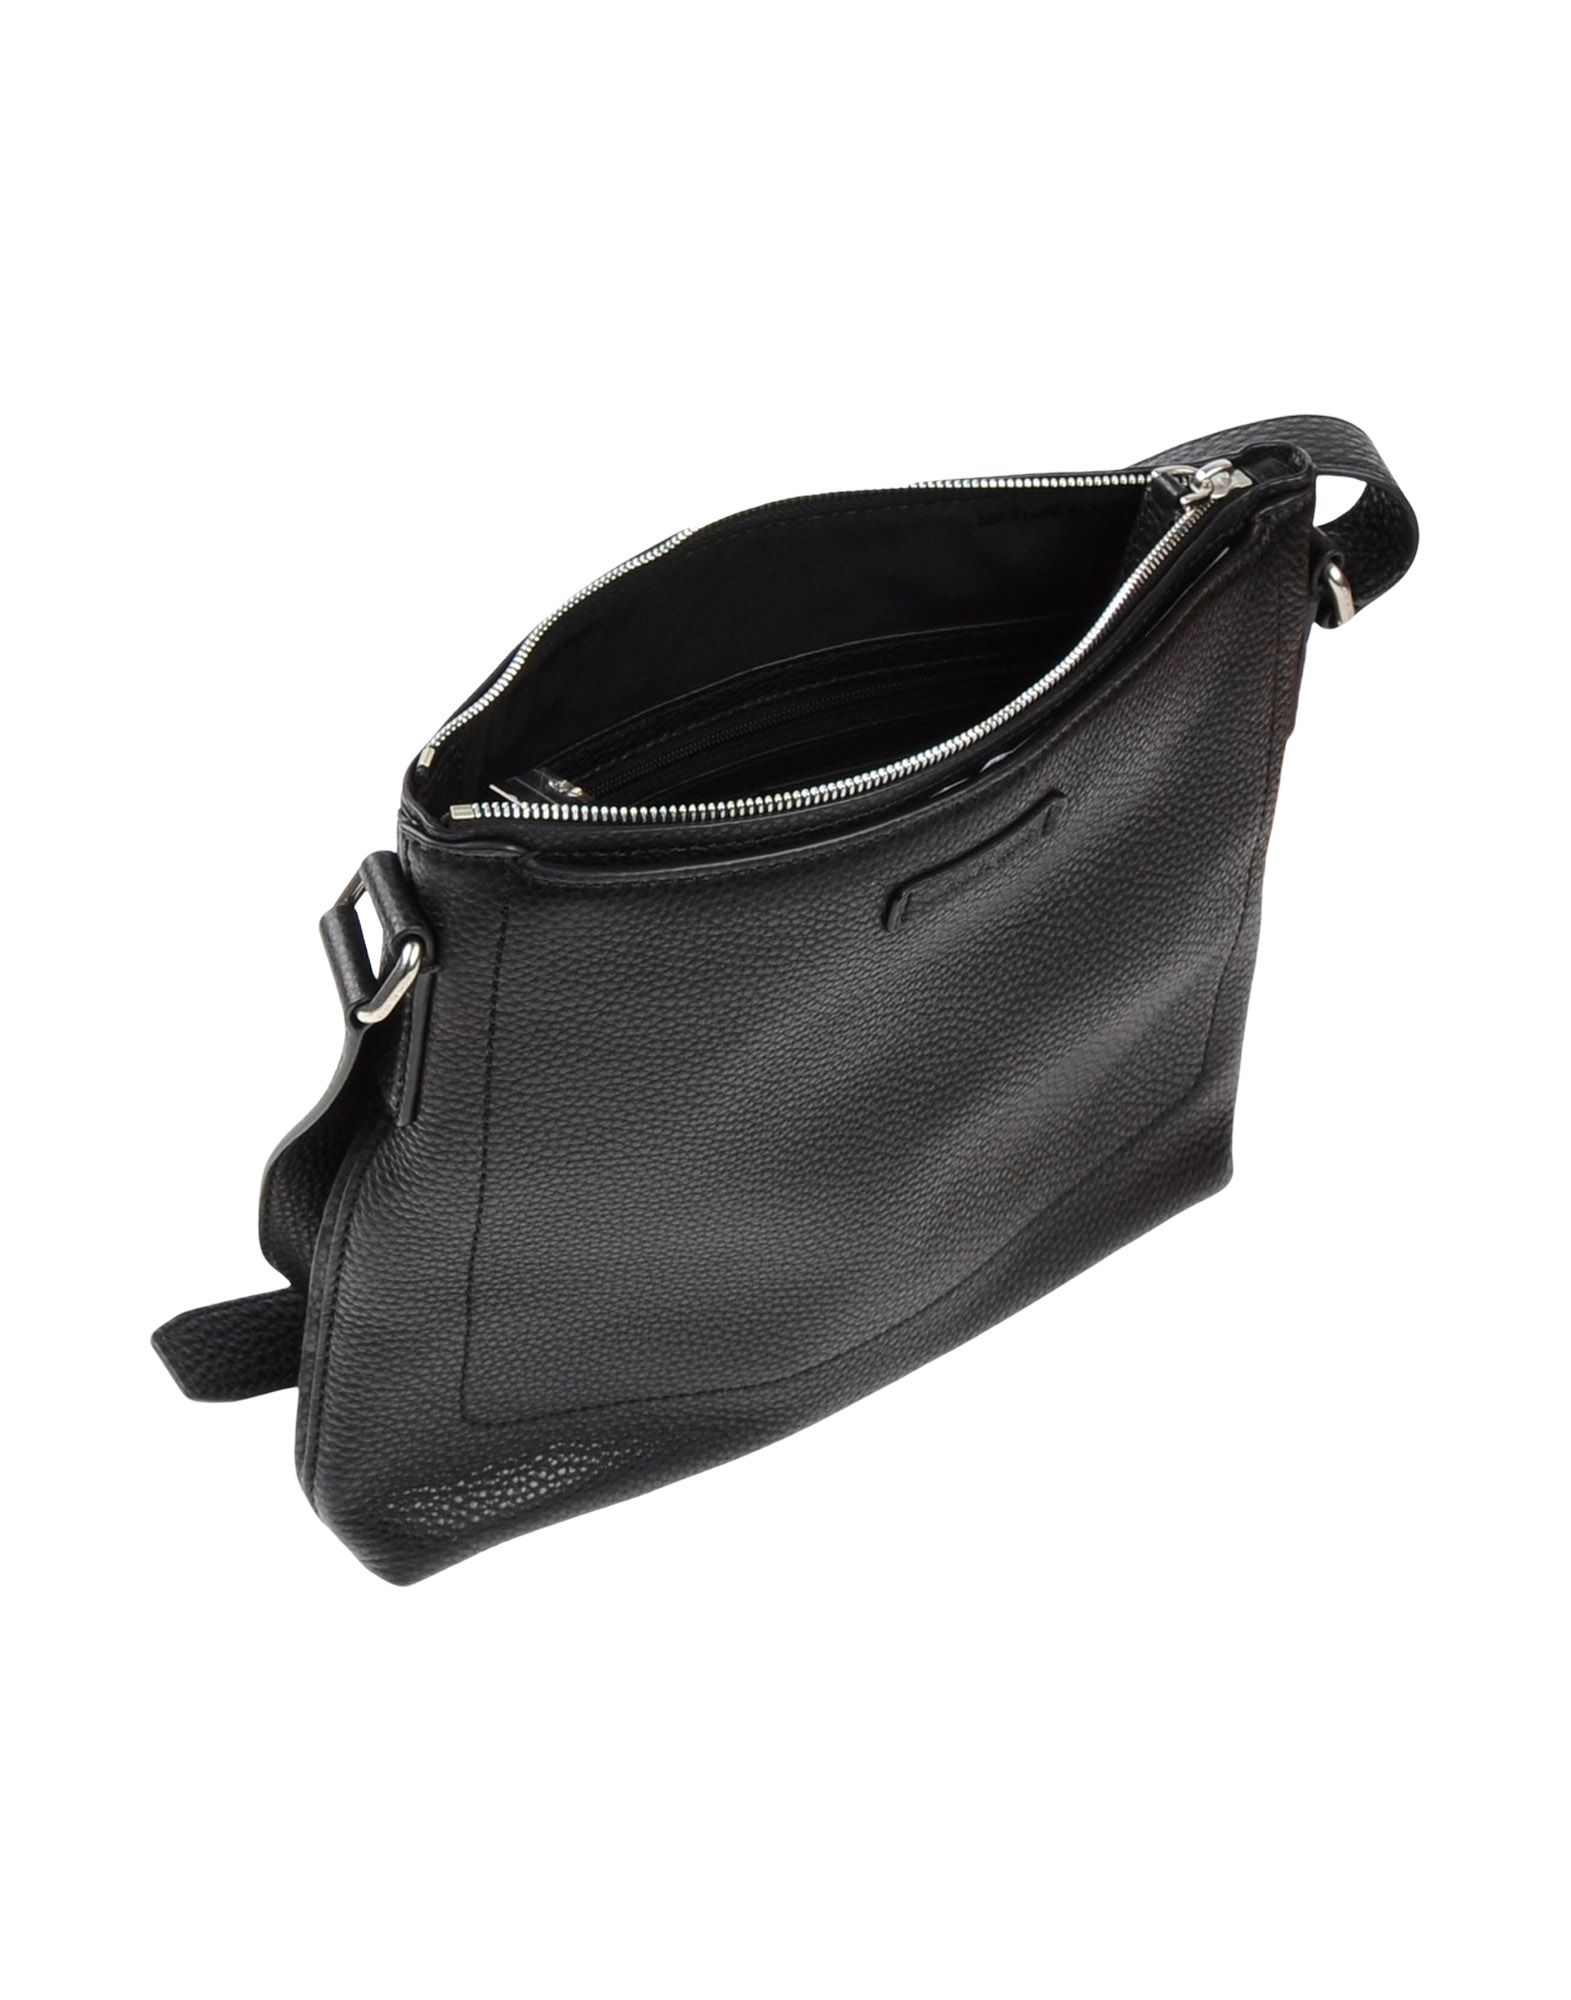 34f6b3992e50 Michael Kors Cross-body Bag in Black for Men - Lyst